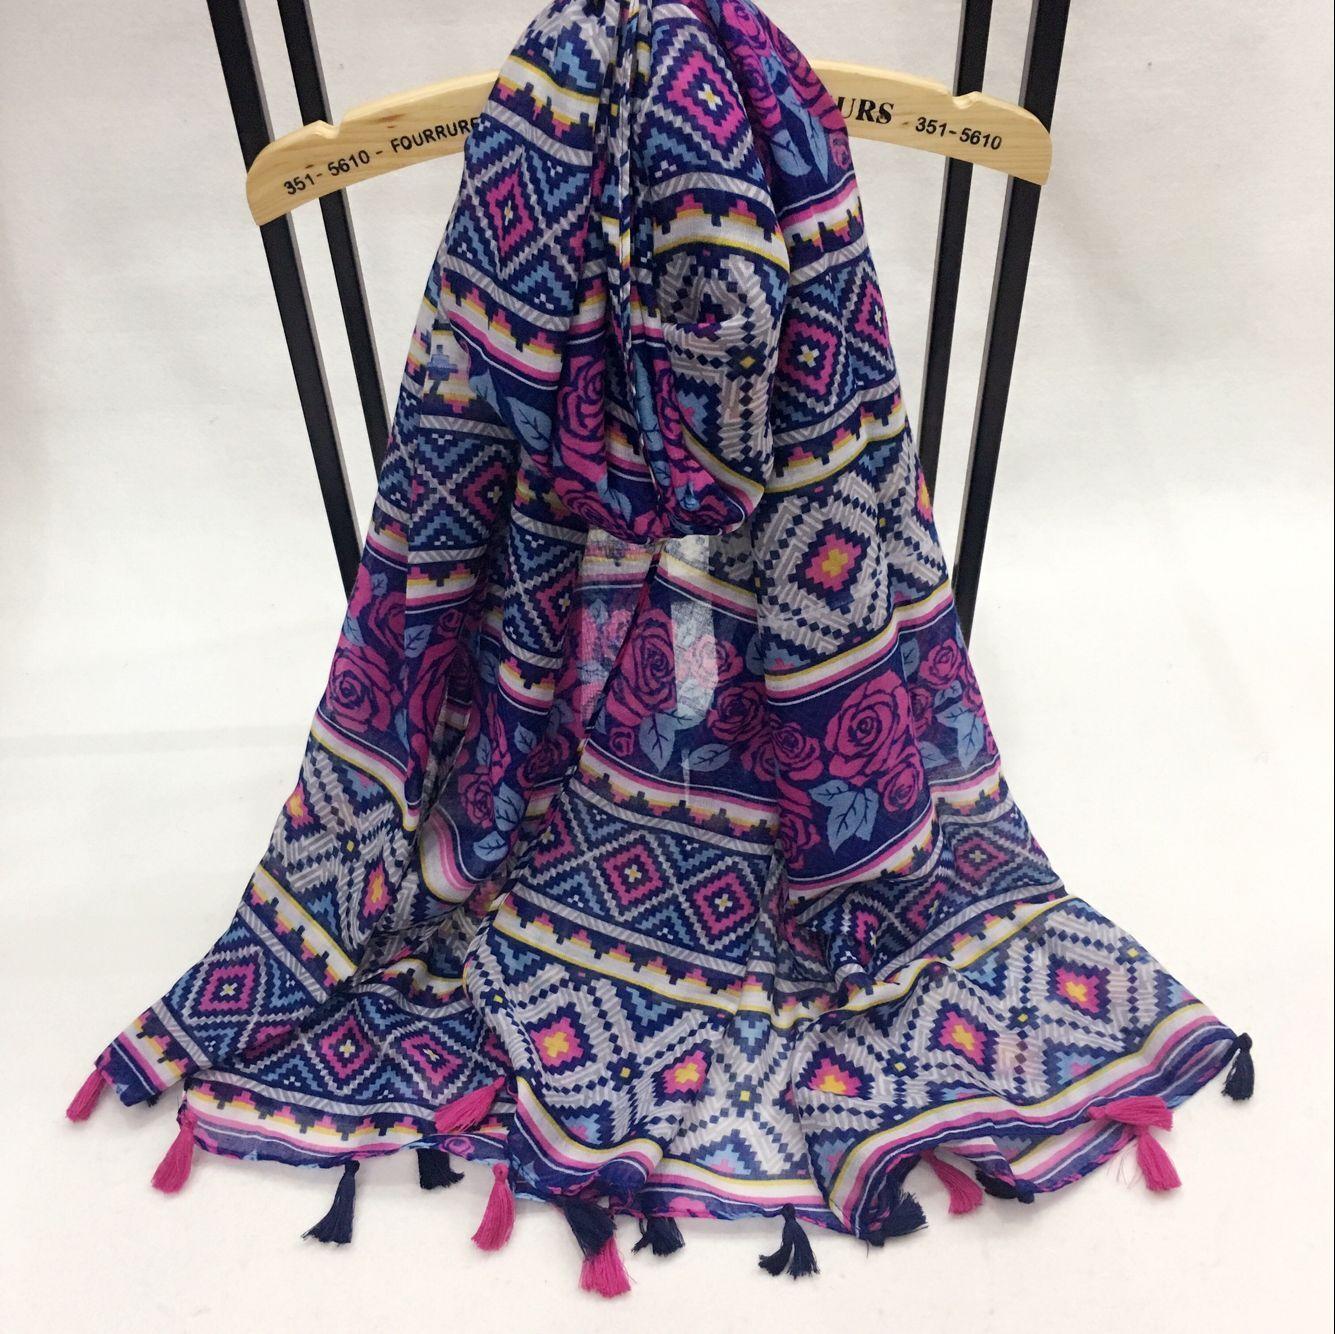 新款紫玫瑰系列巴厘纱围巾